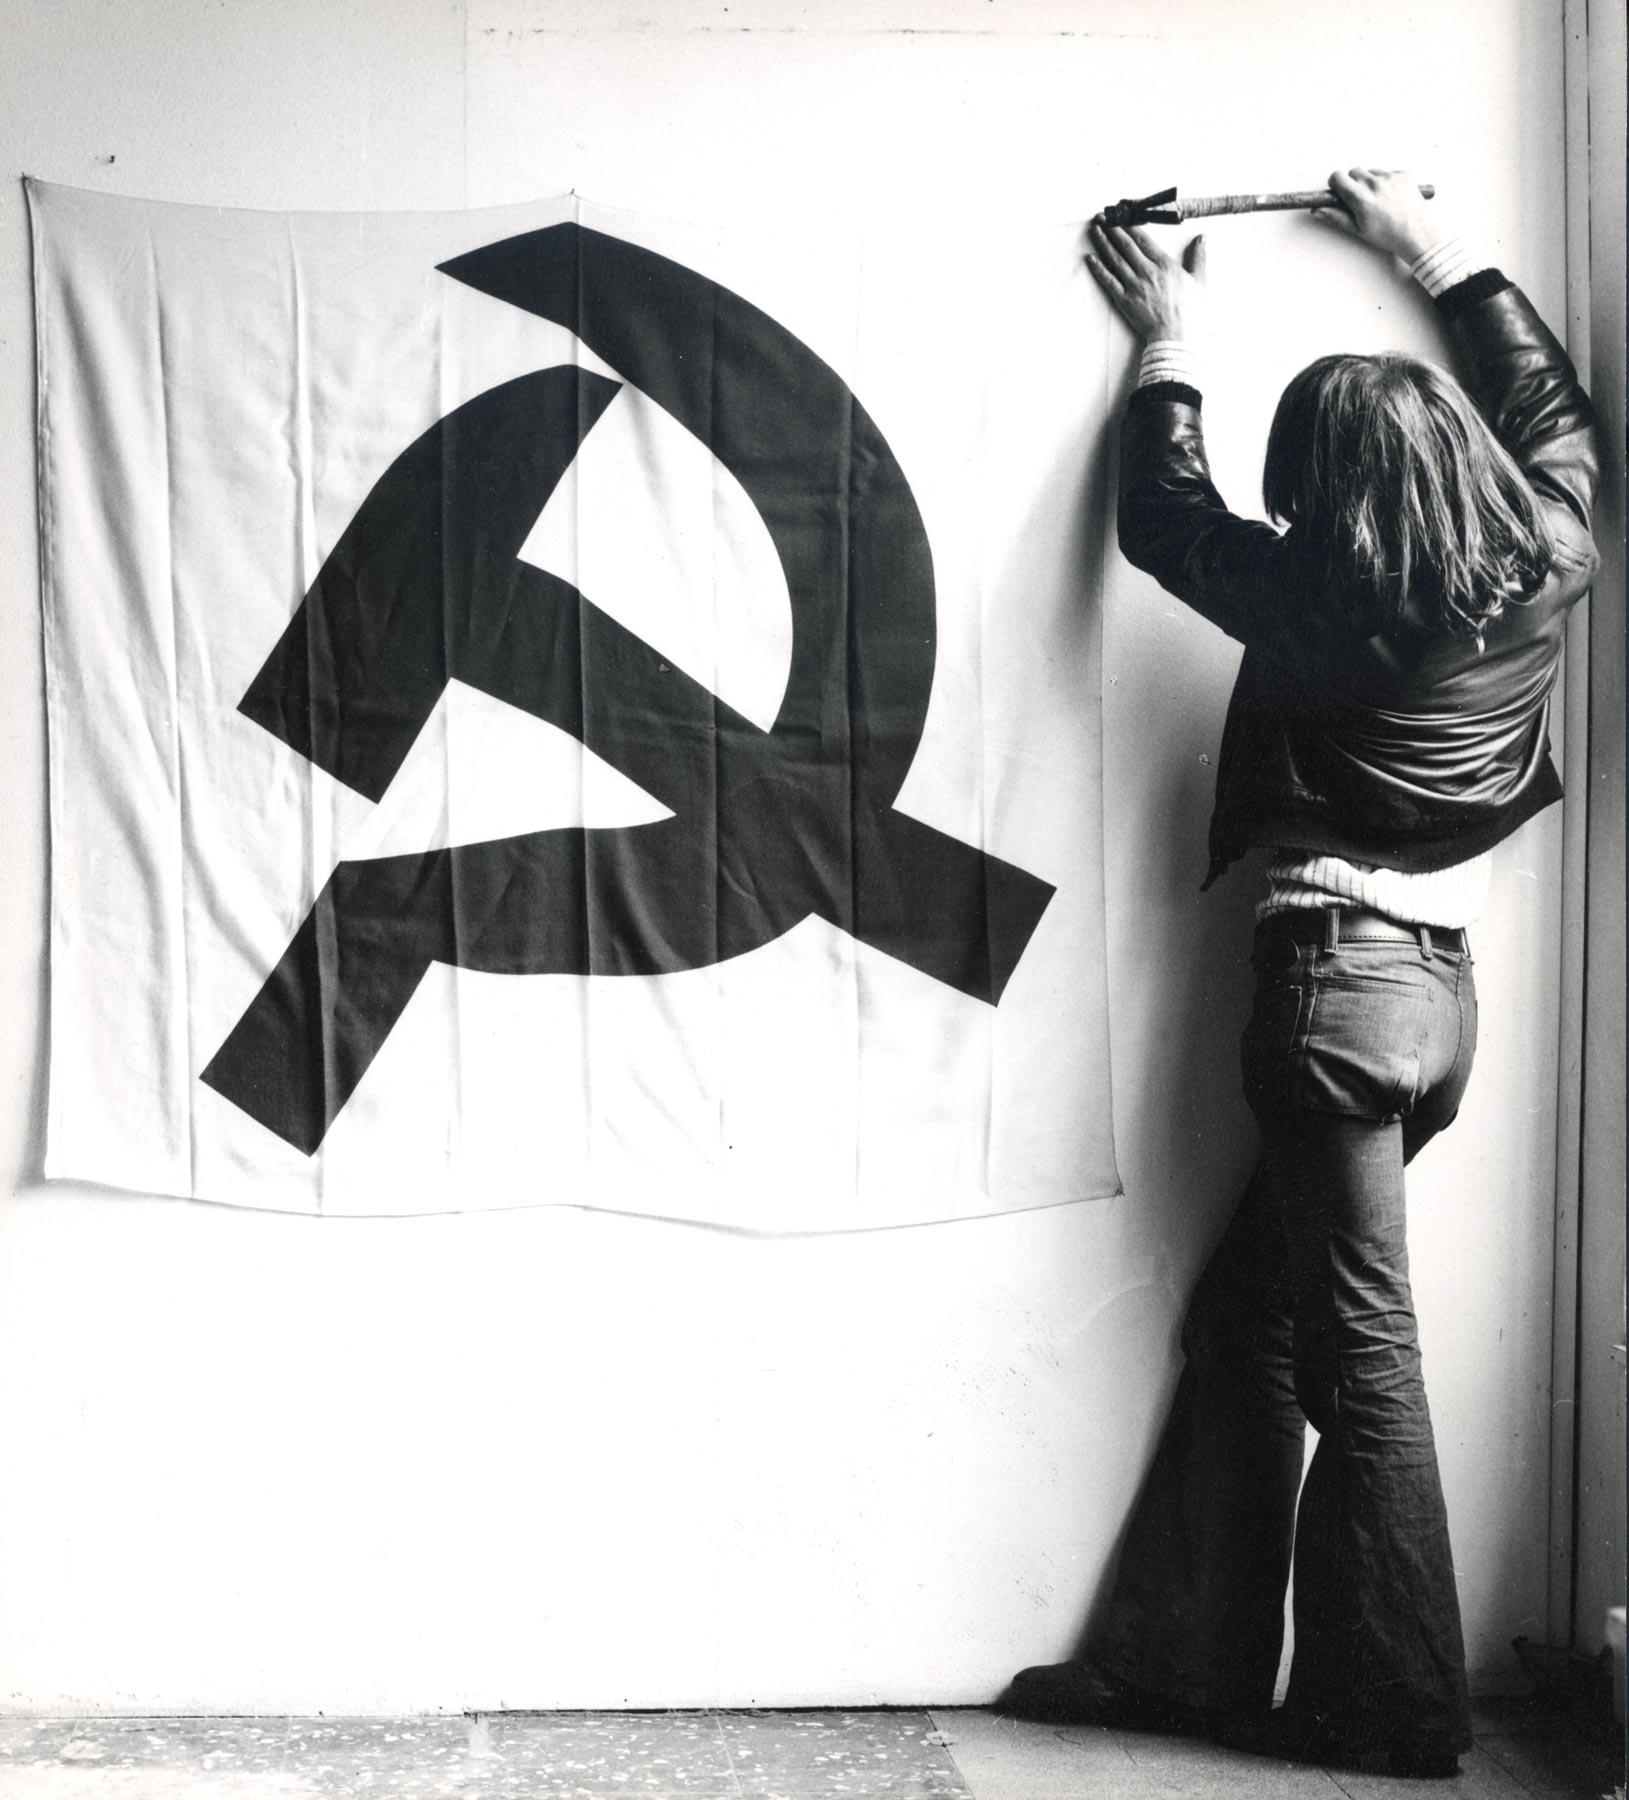 L'arte contribuisce alla lotta di classe? A Milano ricostruita la mostra di Mari del '73